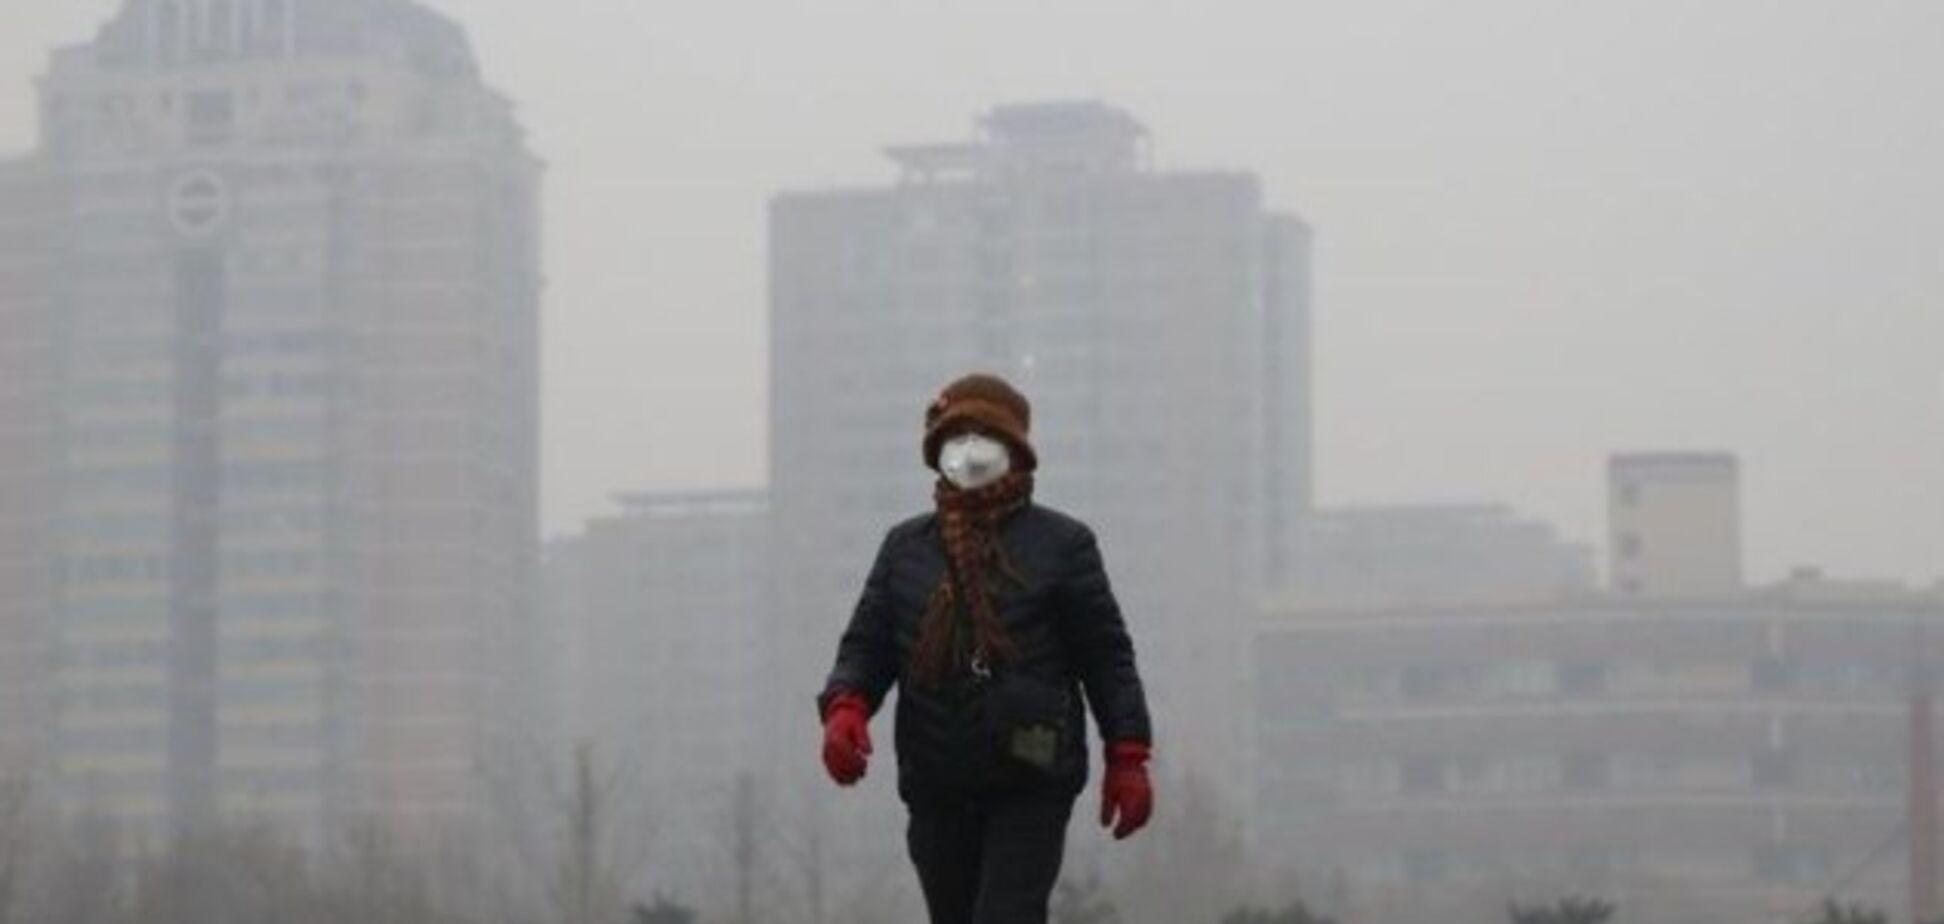 Украину накрыла паника из-за дыма и грязного воздуха: синоптик все объяснила